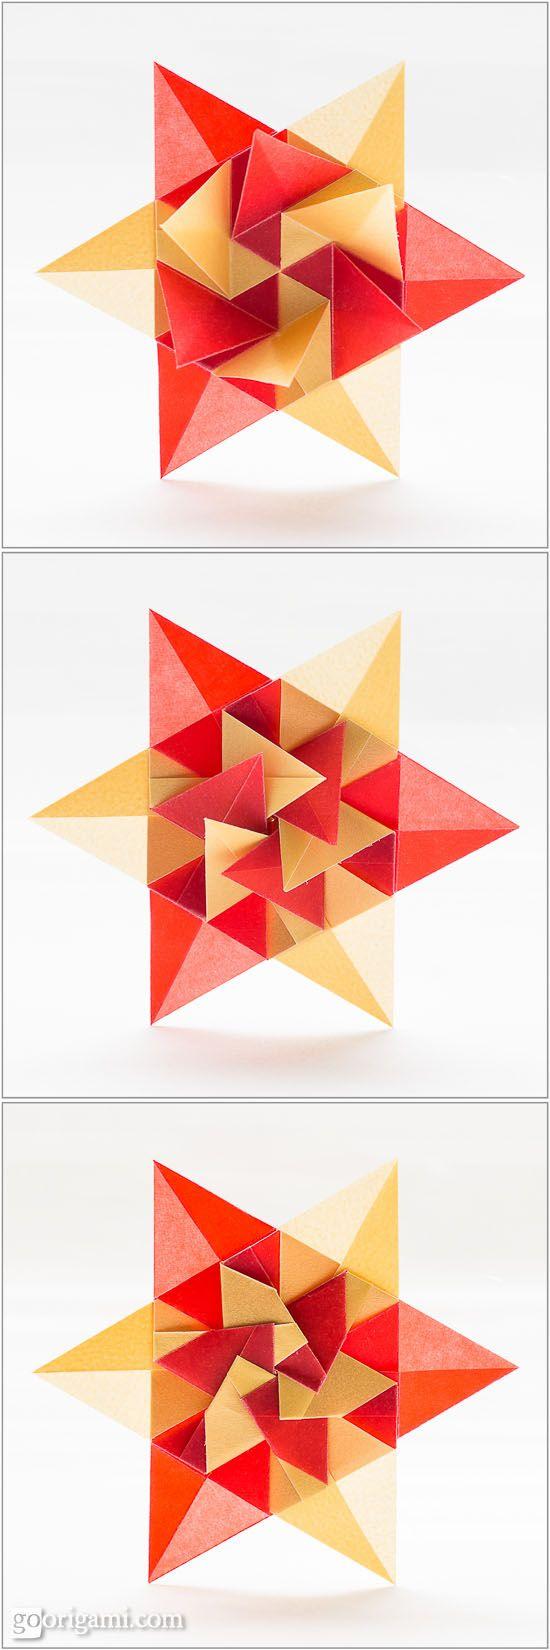 Parati Prata Star by Carla Onishi de Godoy   Go Origami!